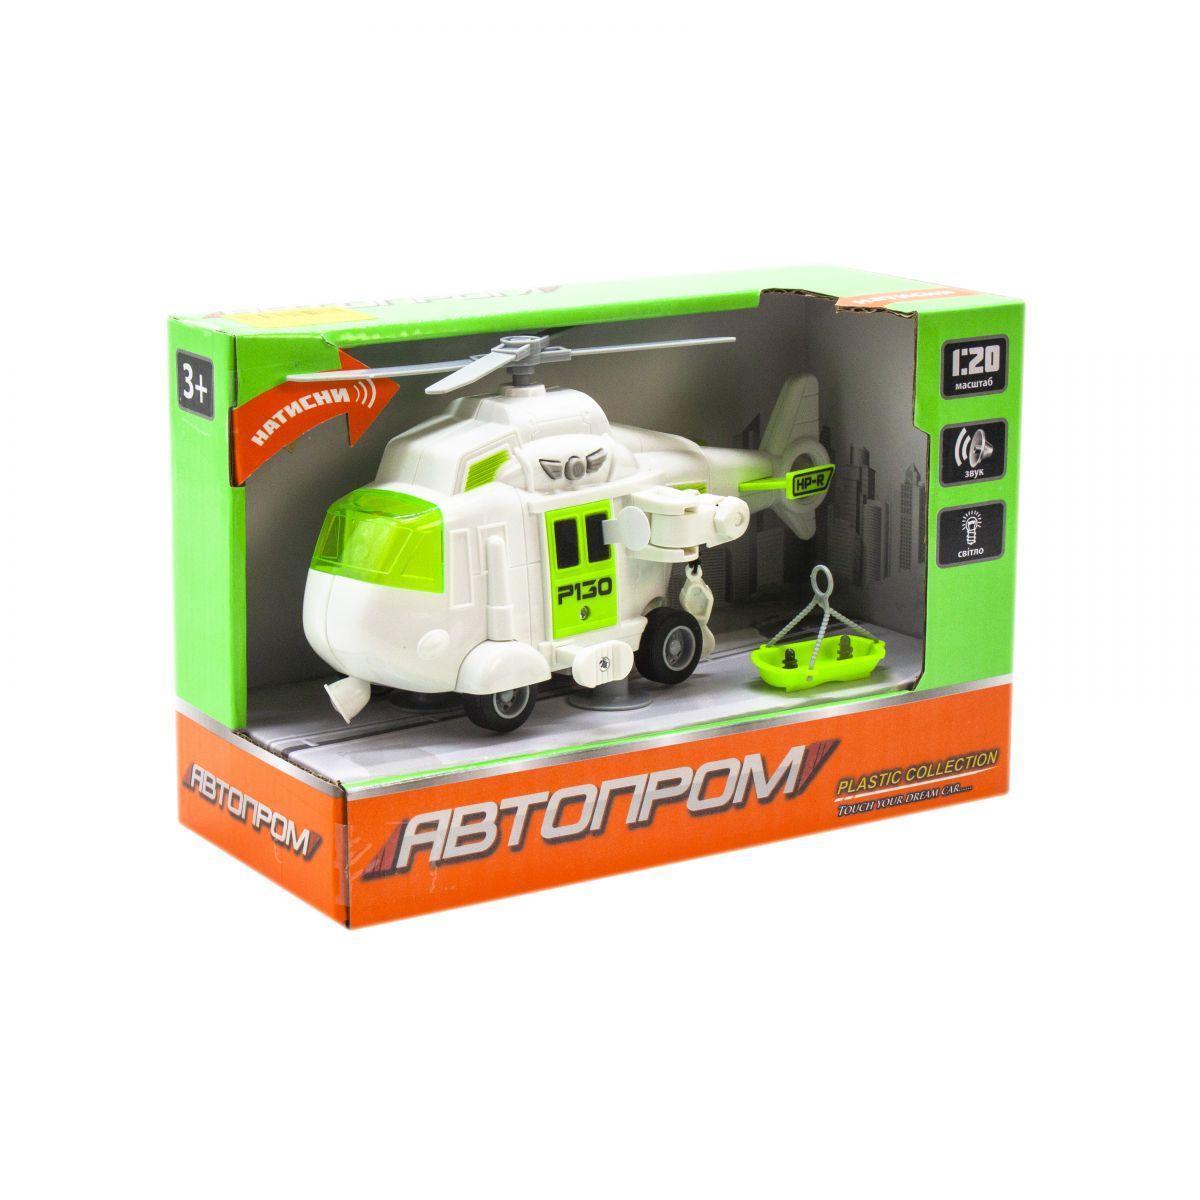 Вертолет инерционный спасательный вертолет из серии Автопром, звук, свет, 7678ABCD